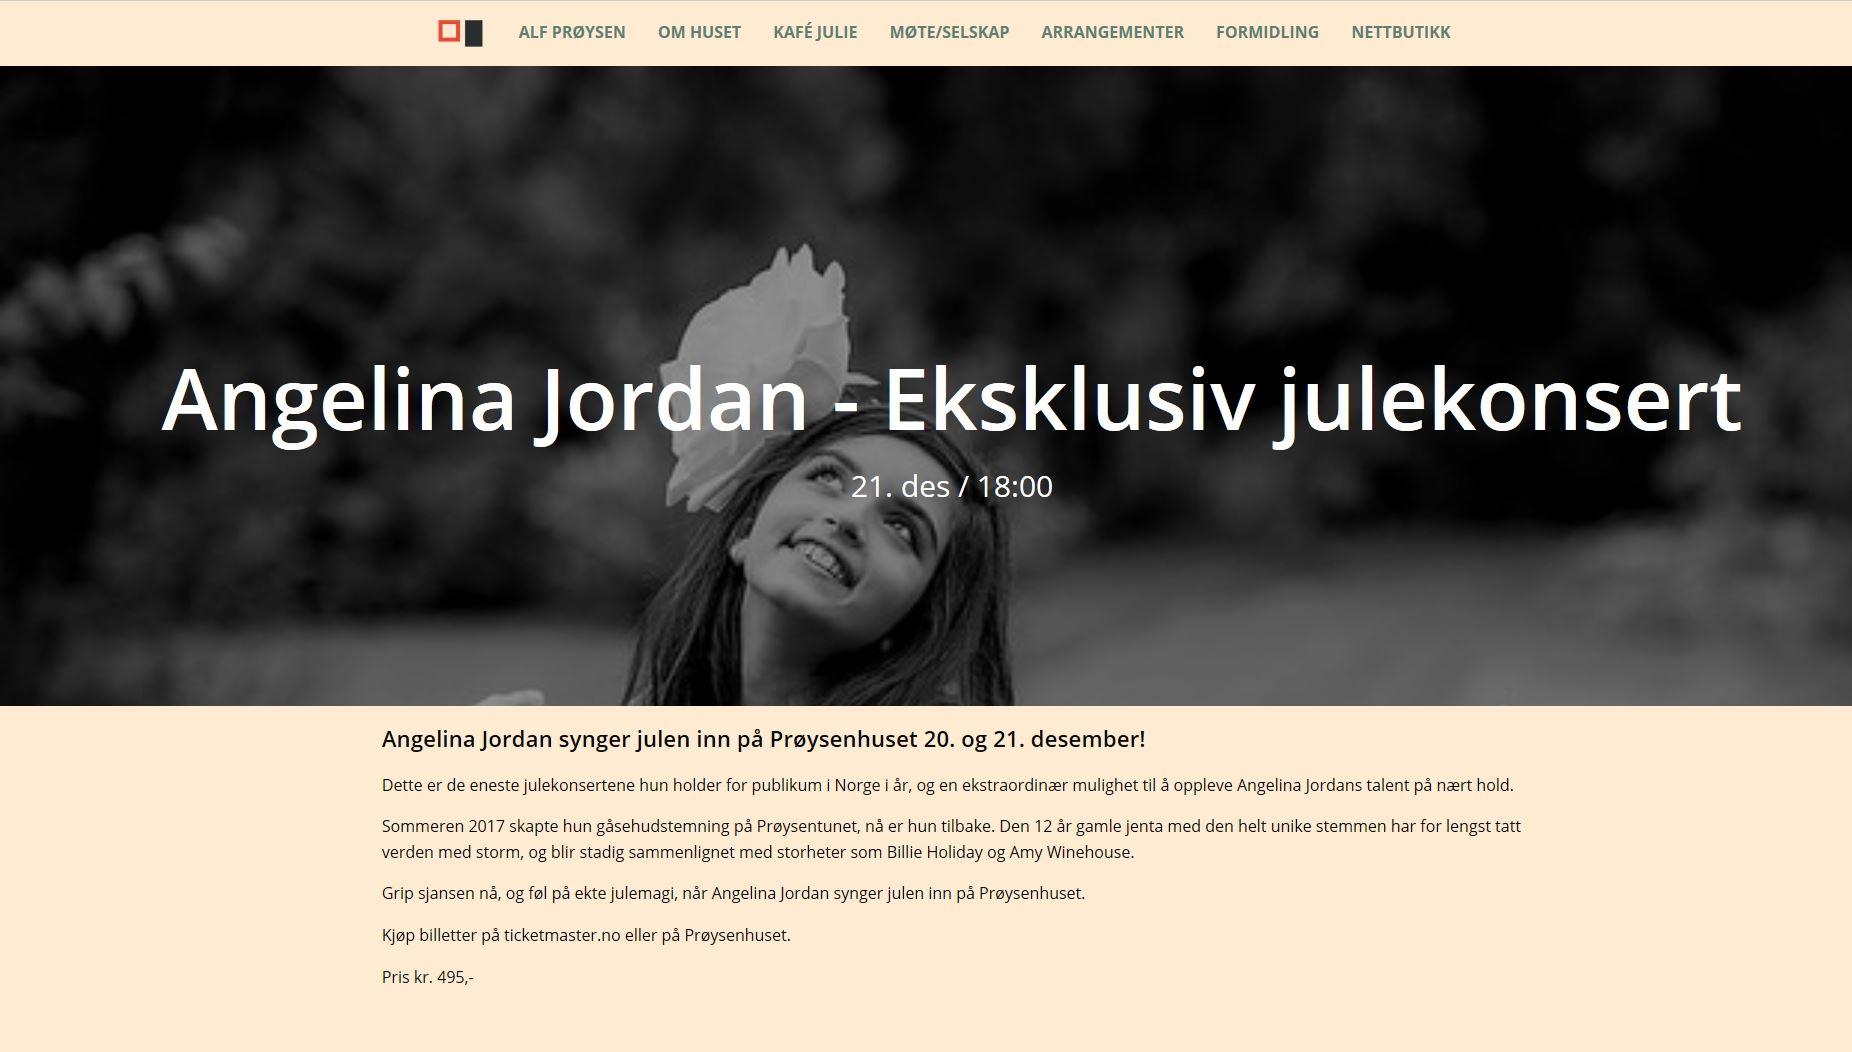 Angelina Jordan sings Christmas songs at the Prøysen house